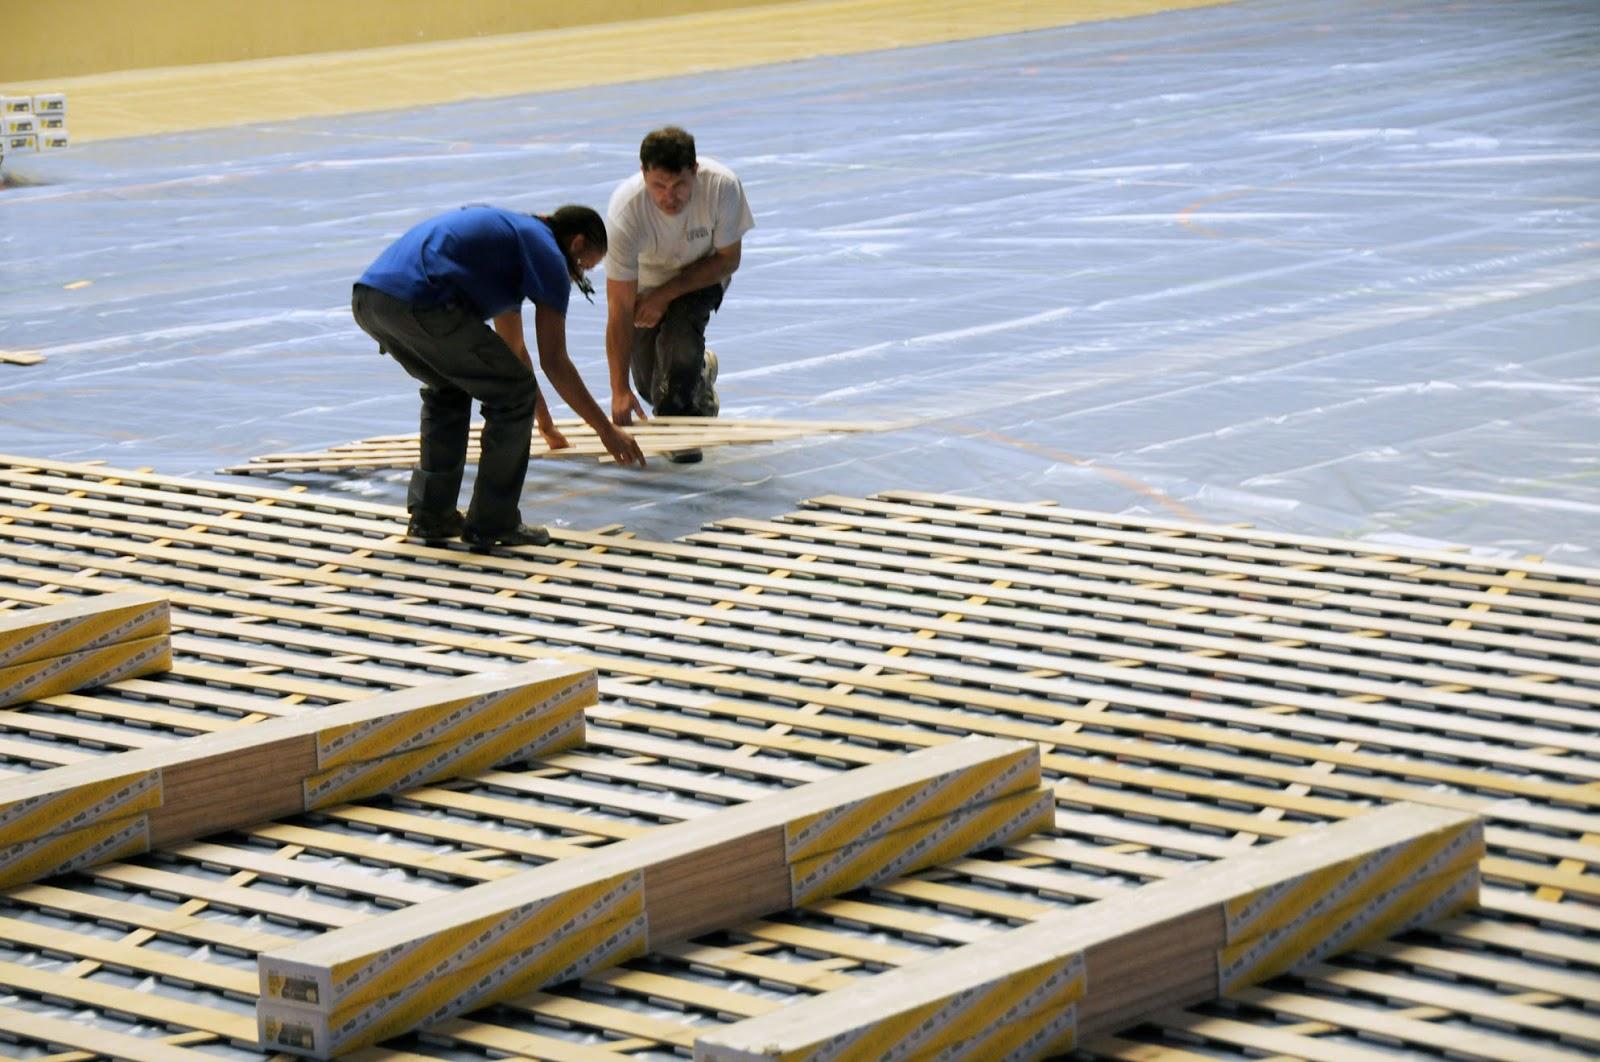 pavimento-madeira21.jpg